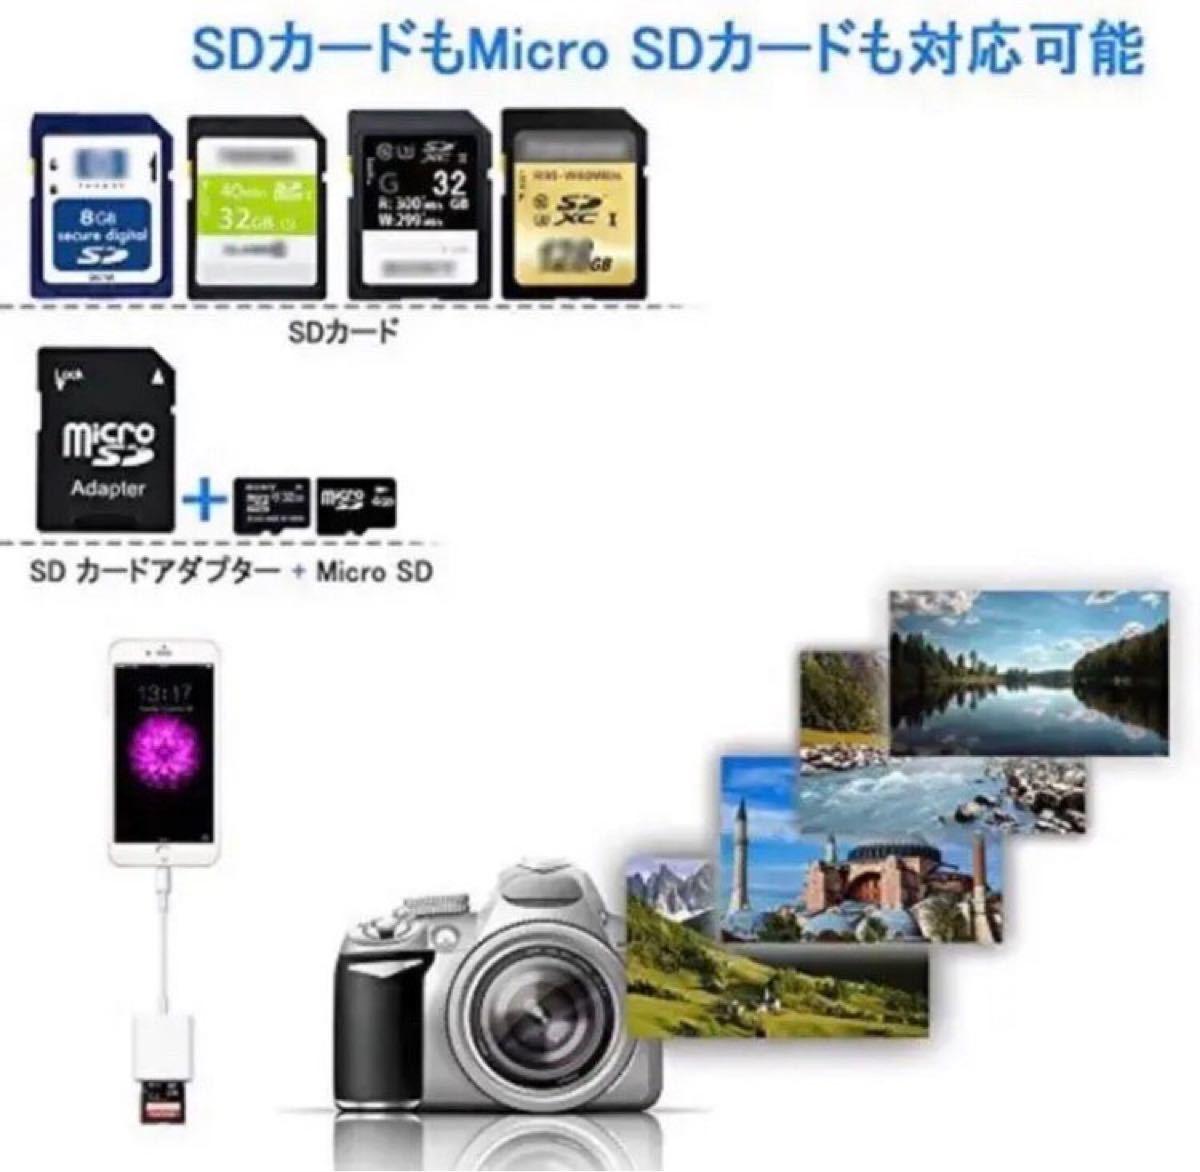 #データ転送 SDカードリーダー →iPhone